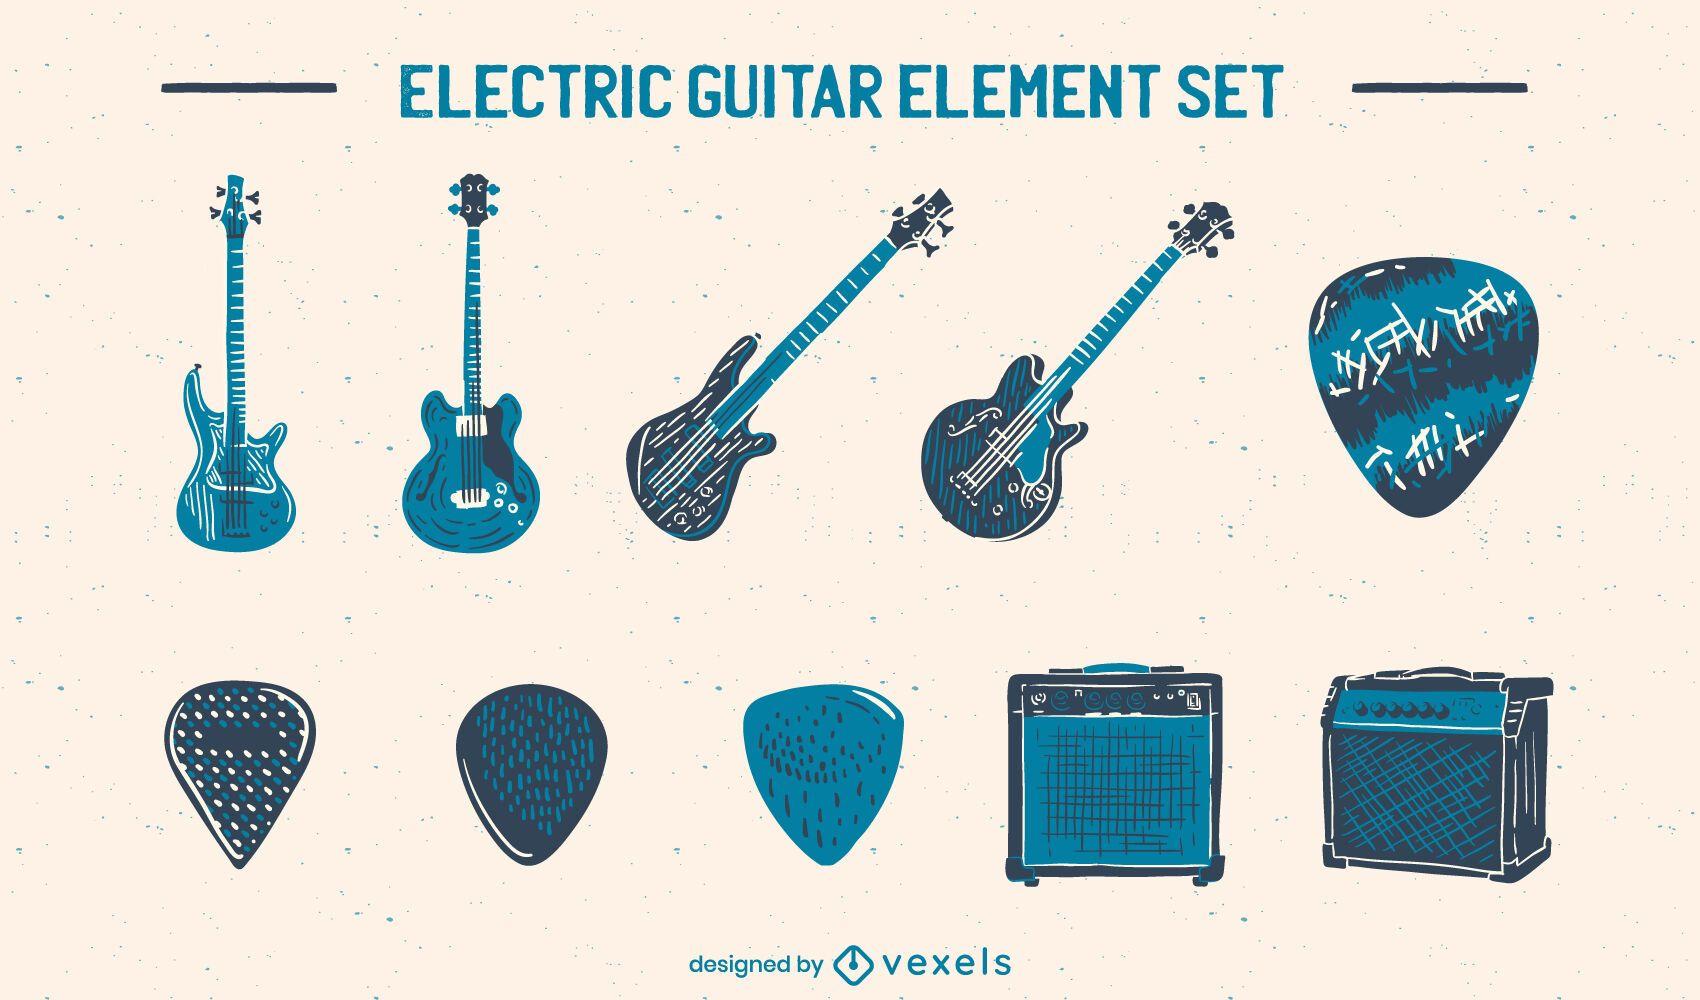 Conjunto de instrumentos musicales de guitarra eléctrica.